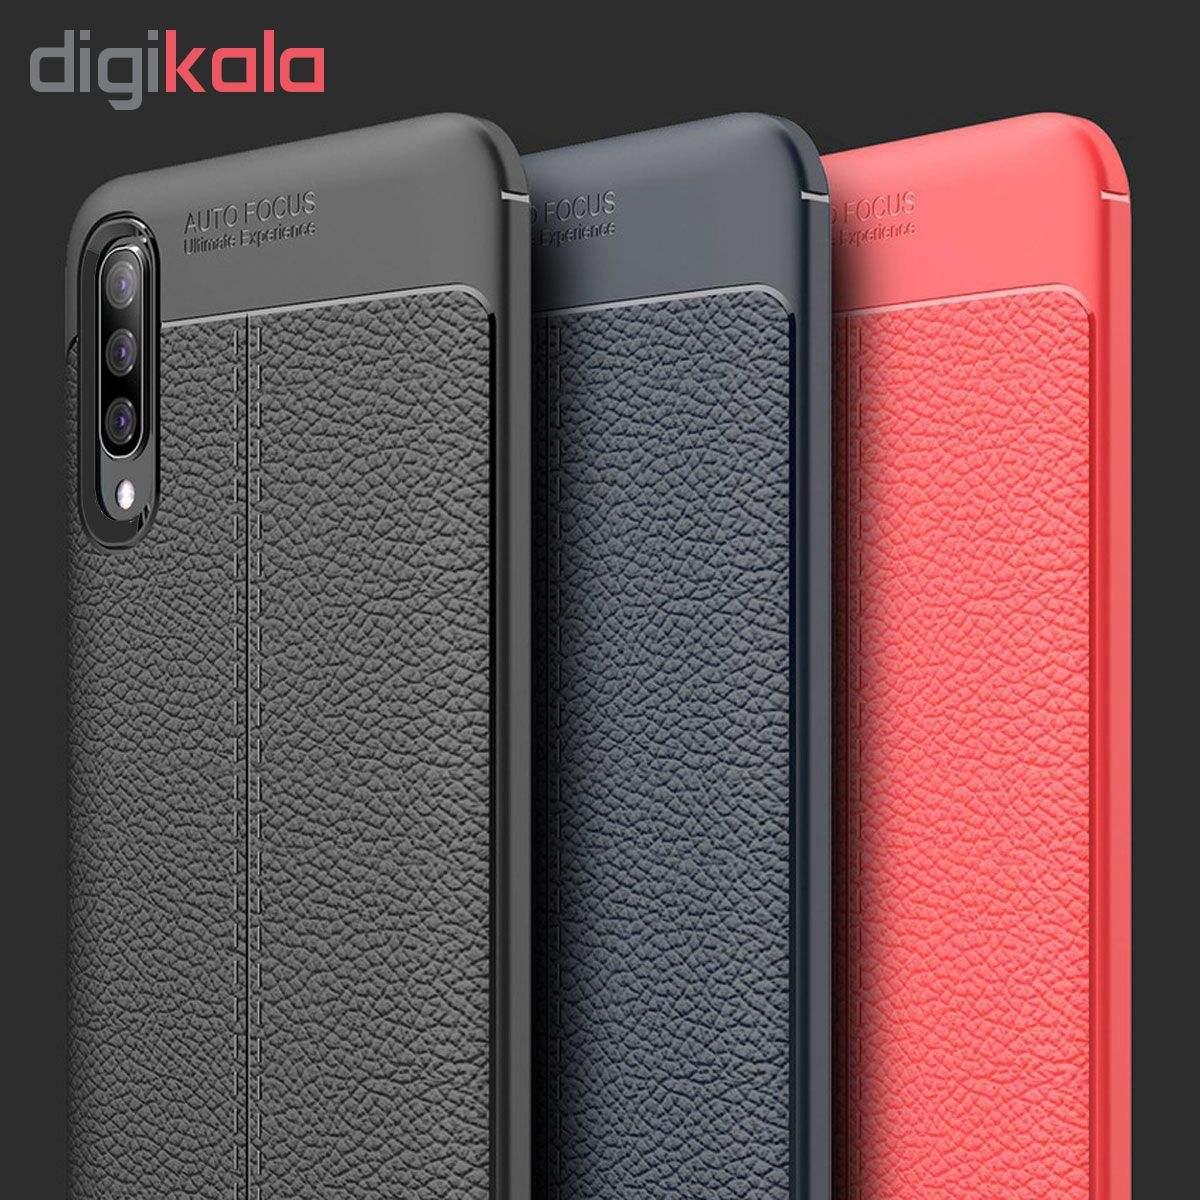 کاور مدل ch31 مناسب برای گوشی موبایل سامسونگ Galaxy A70 main 1 1